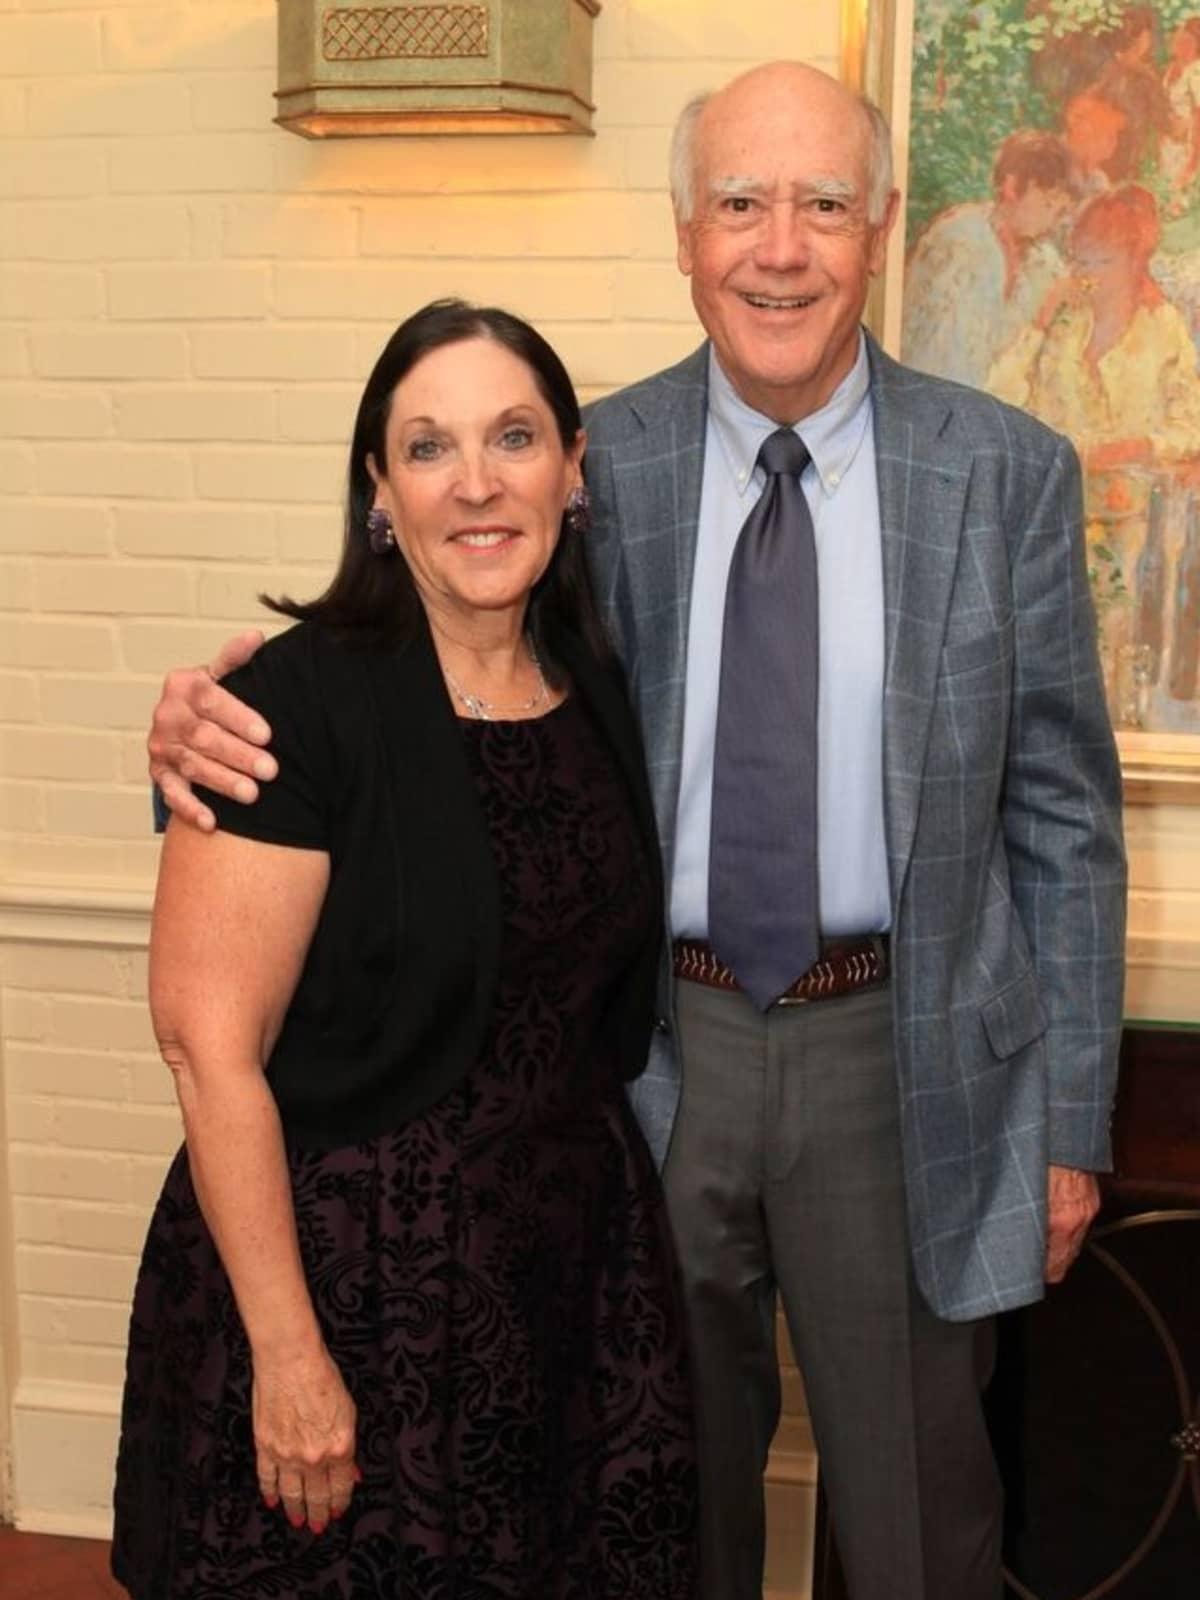 PCHPS luncheon 2018, Venise and Larry Stuart